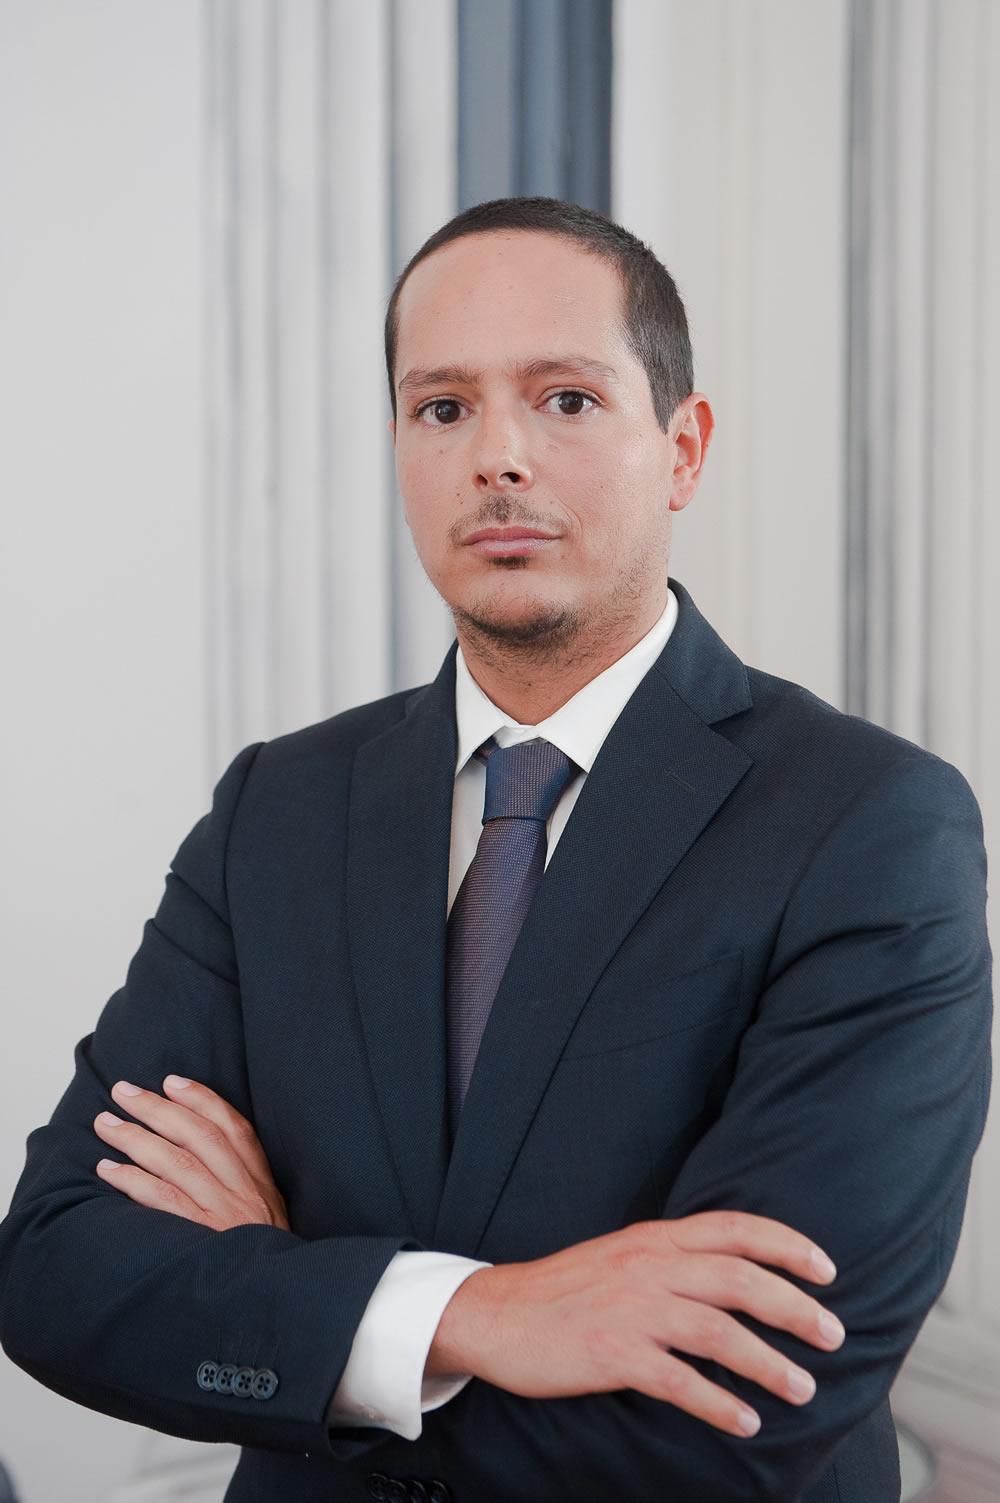 Nuno Morais Paiva